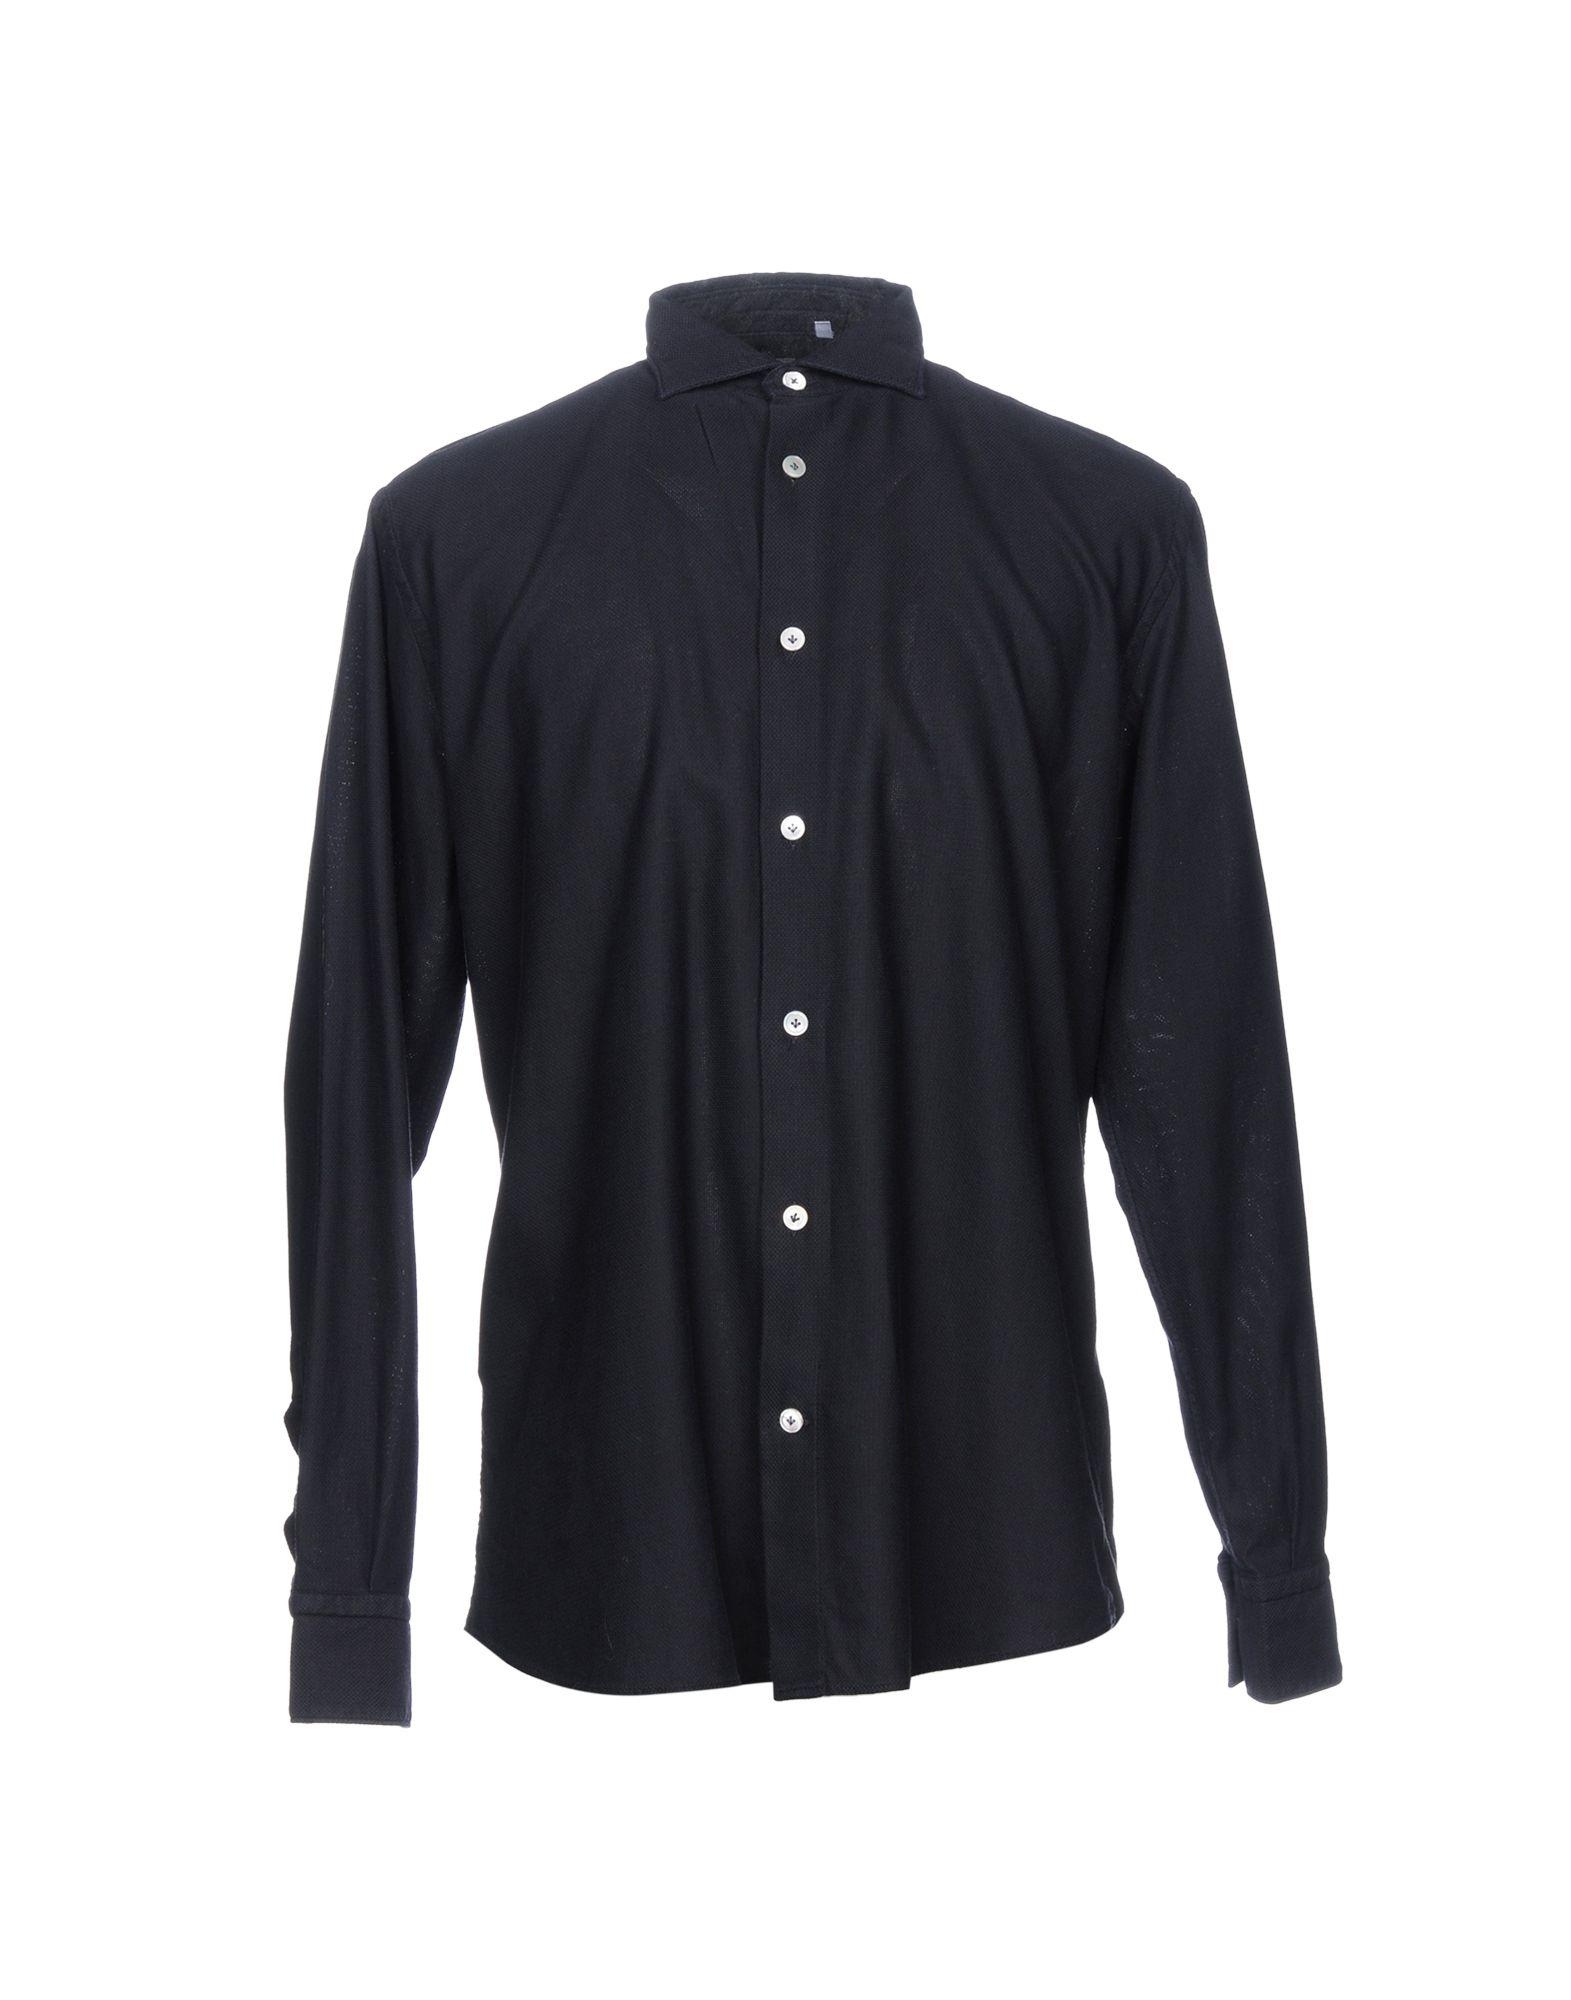 《送料無料》ELEVENTY メンズ シャツ ダークブルー 45 コットン 100%